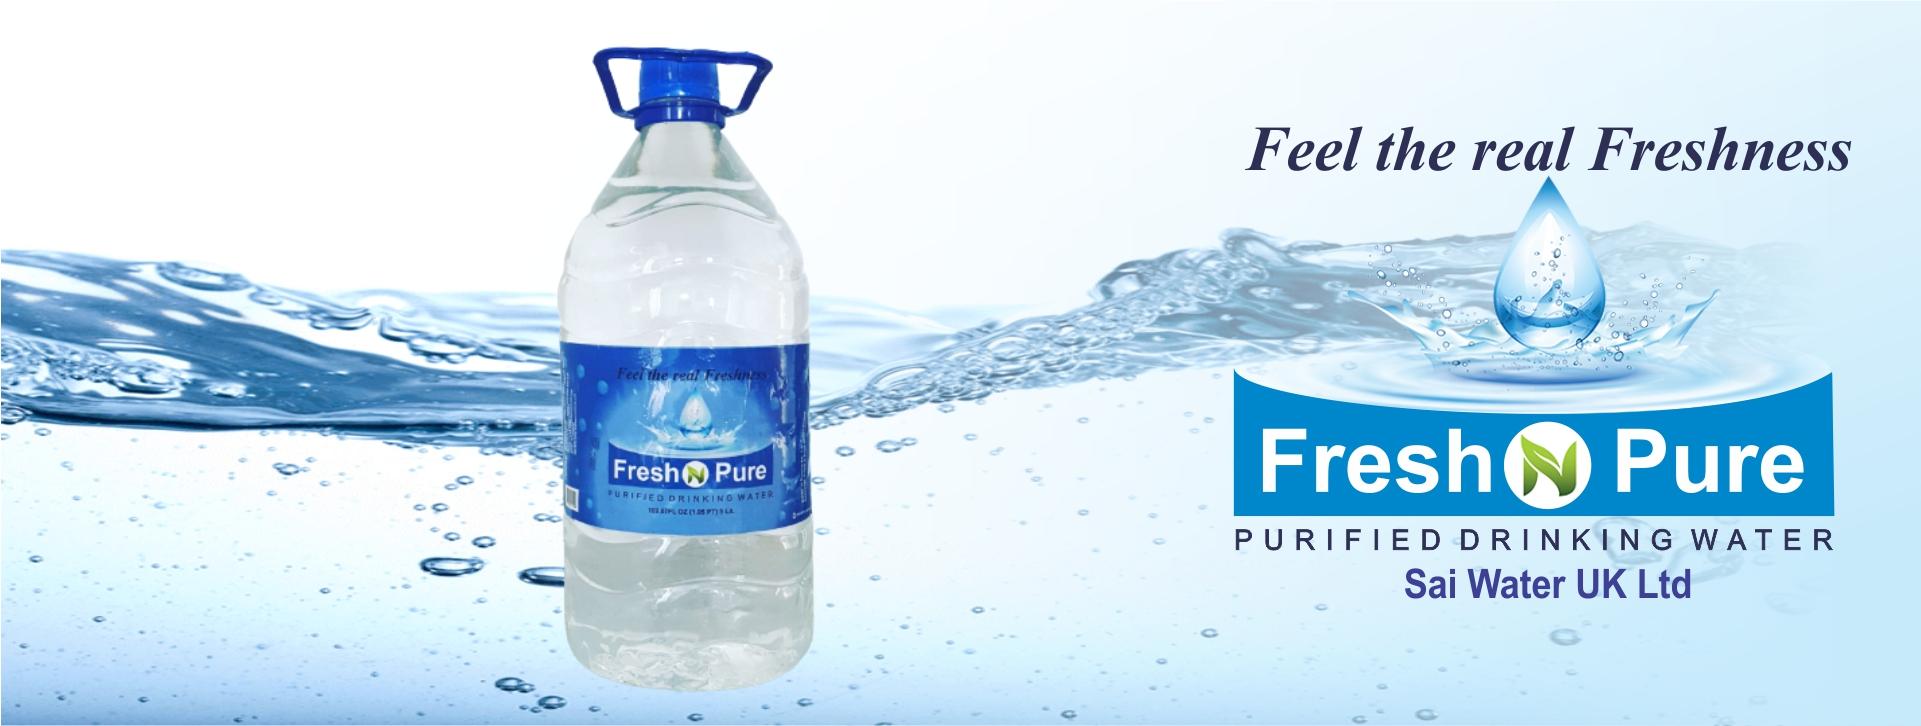 5 Litre Bottle Freshnpure Water UK